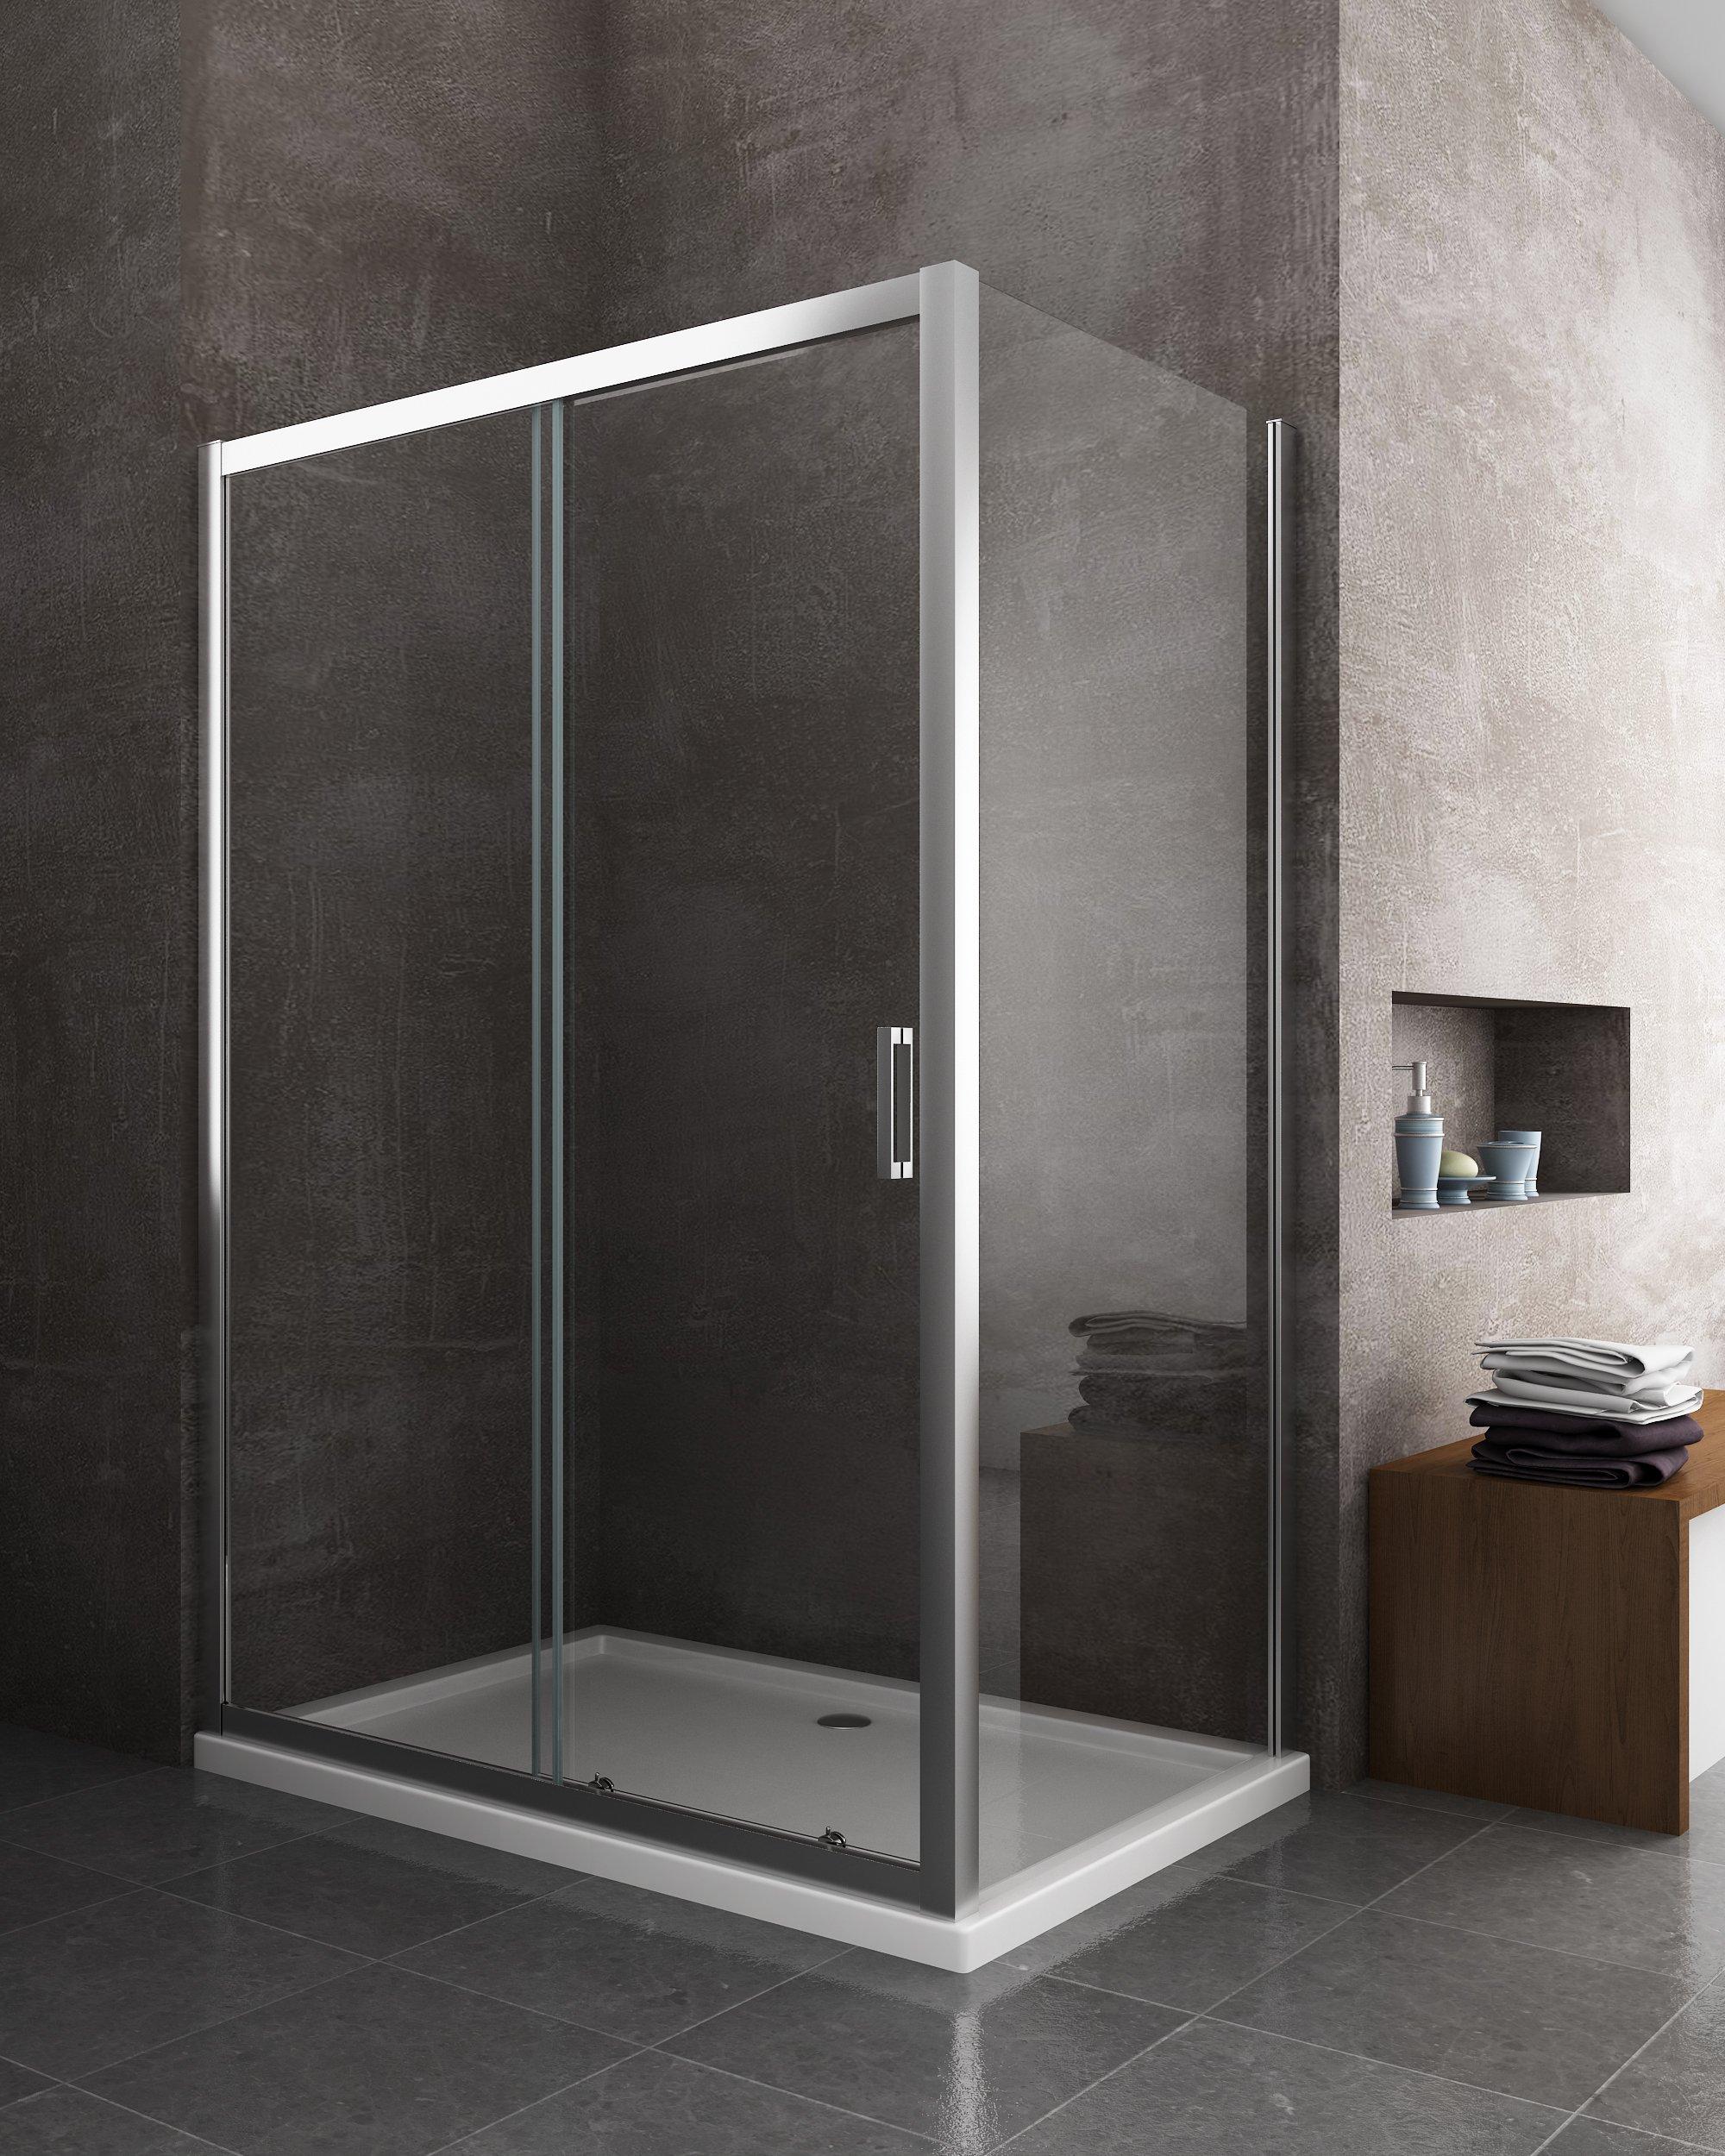 Box cabina doccia 2 lati 1 fisso e uno scorrevole ebay - Doccia senza porta ...